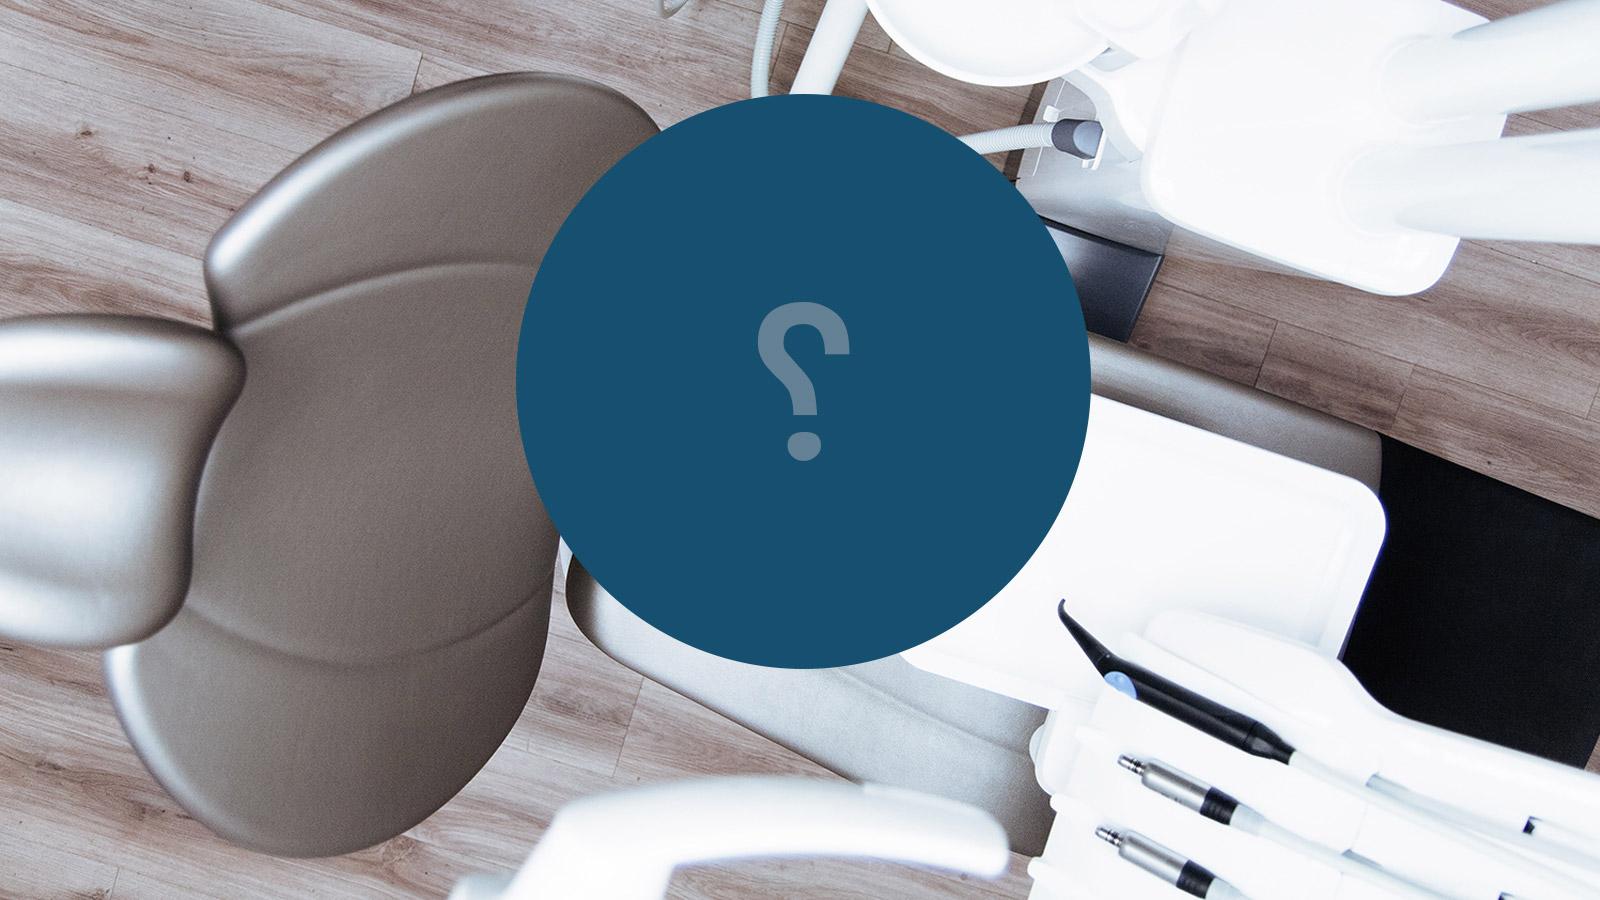 ارتودنتیست مراجعه کنم یا دندانپزشک